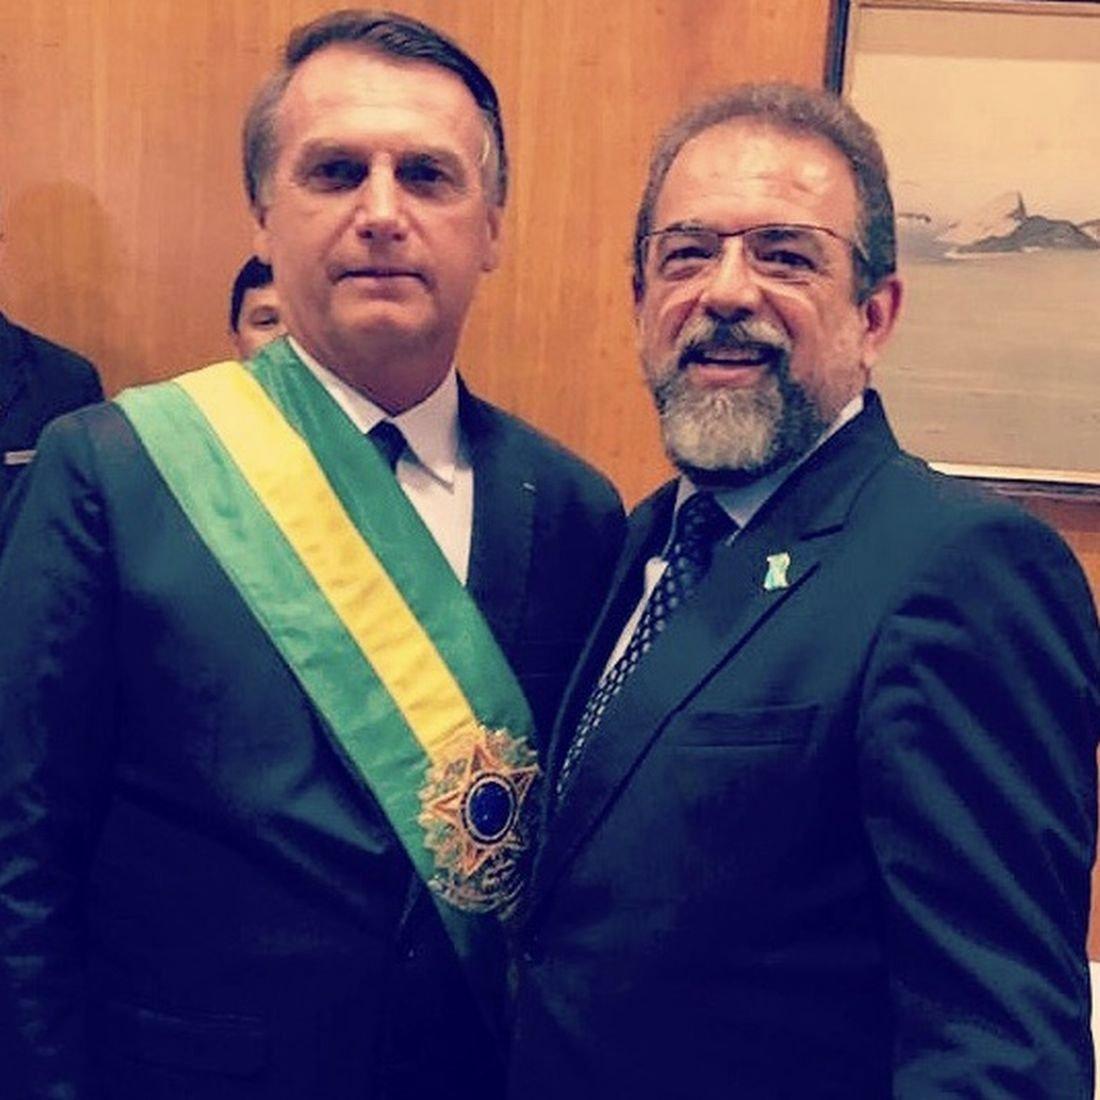 Presidente da Taurus Armas, Salesio Nuhs, ao lado do presidente brasileiro Jair Bolsonaro